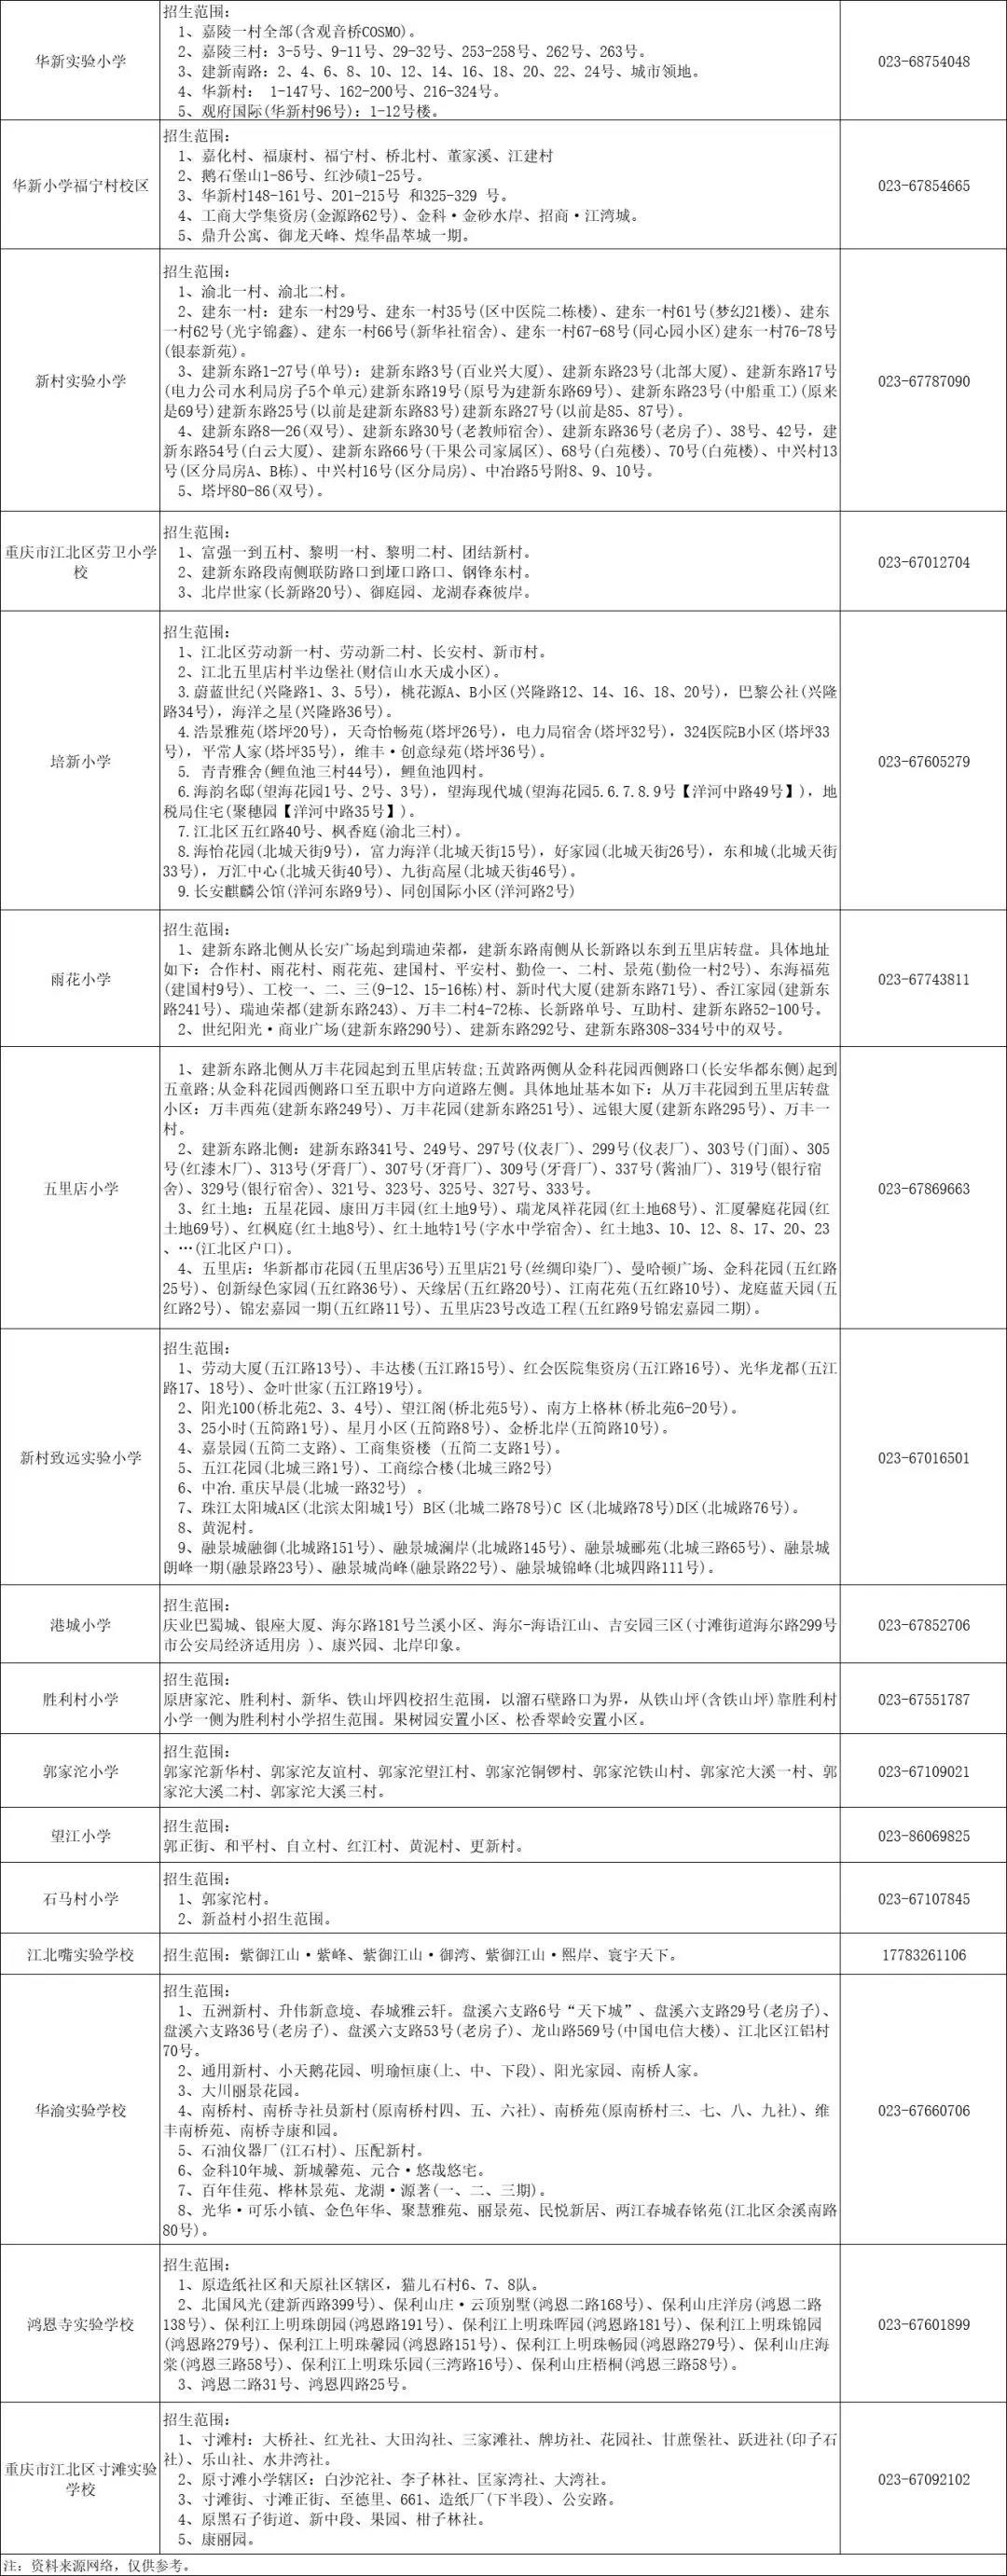 江北区小学招生划片汇总2.jpg